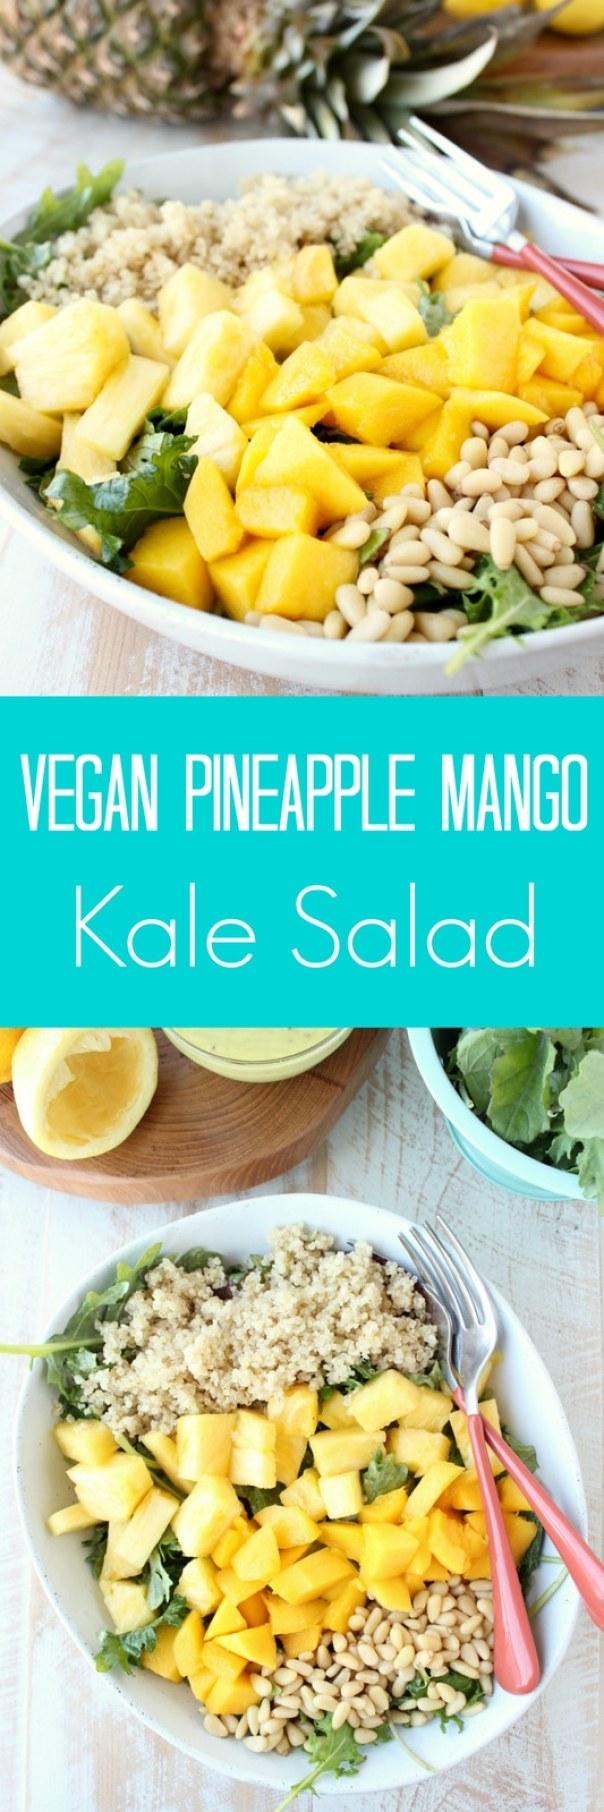 Vegan Pineapple Mango Kale Salad Recipe